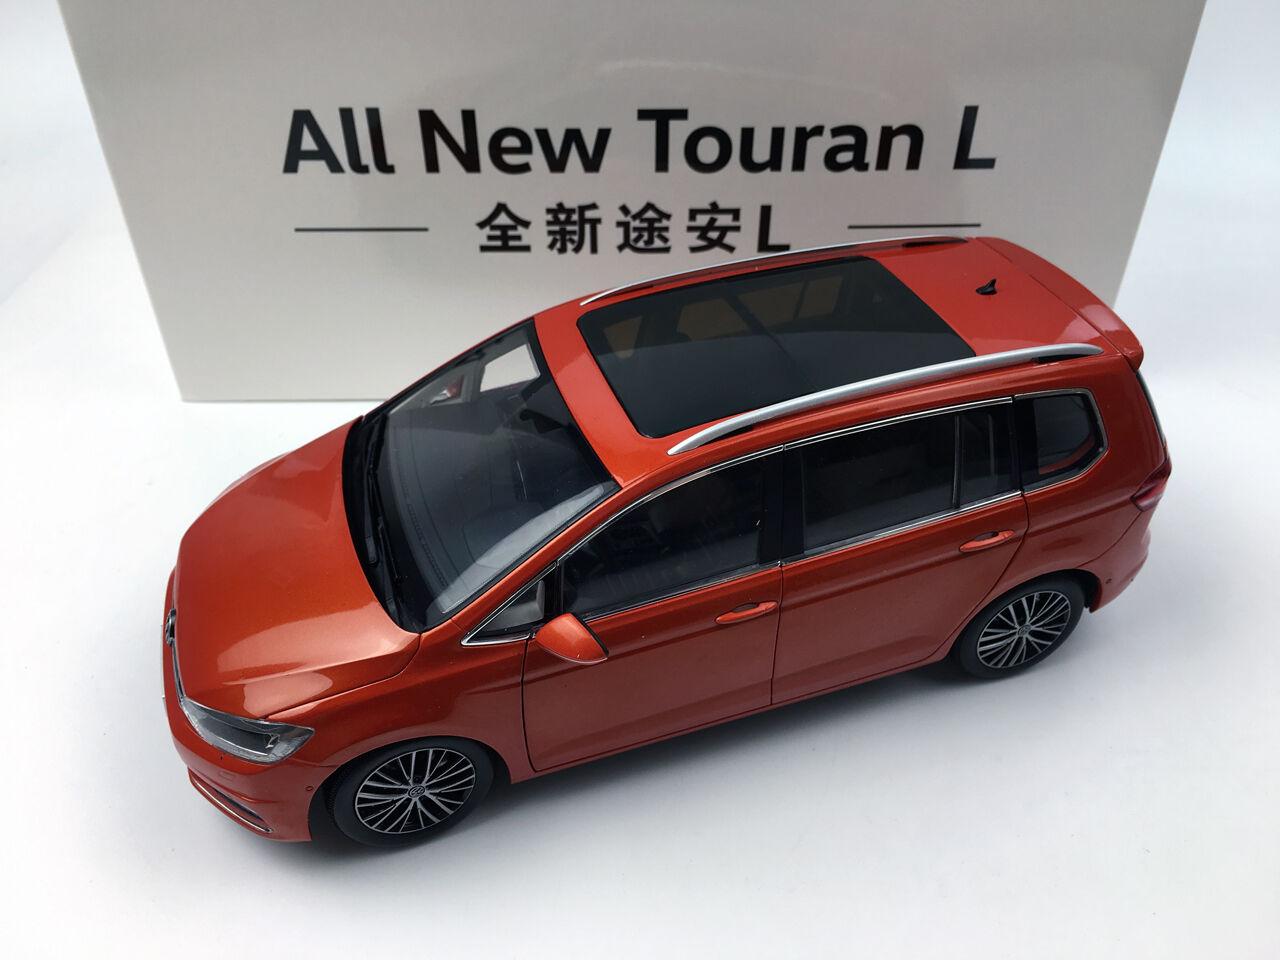 1 18 Shanghai Volkswagen todos los nuevos Touran L arancia Modelo de Metal Fundido a Troquel